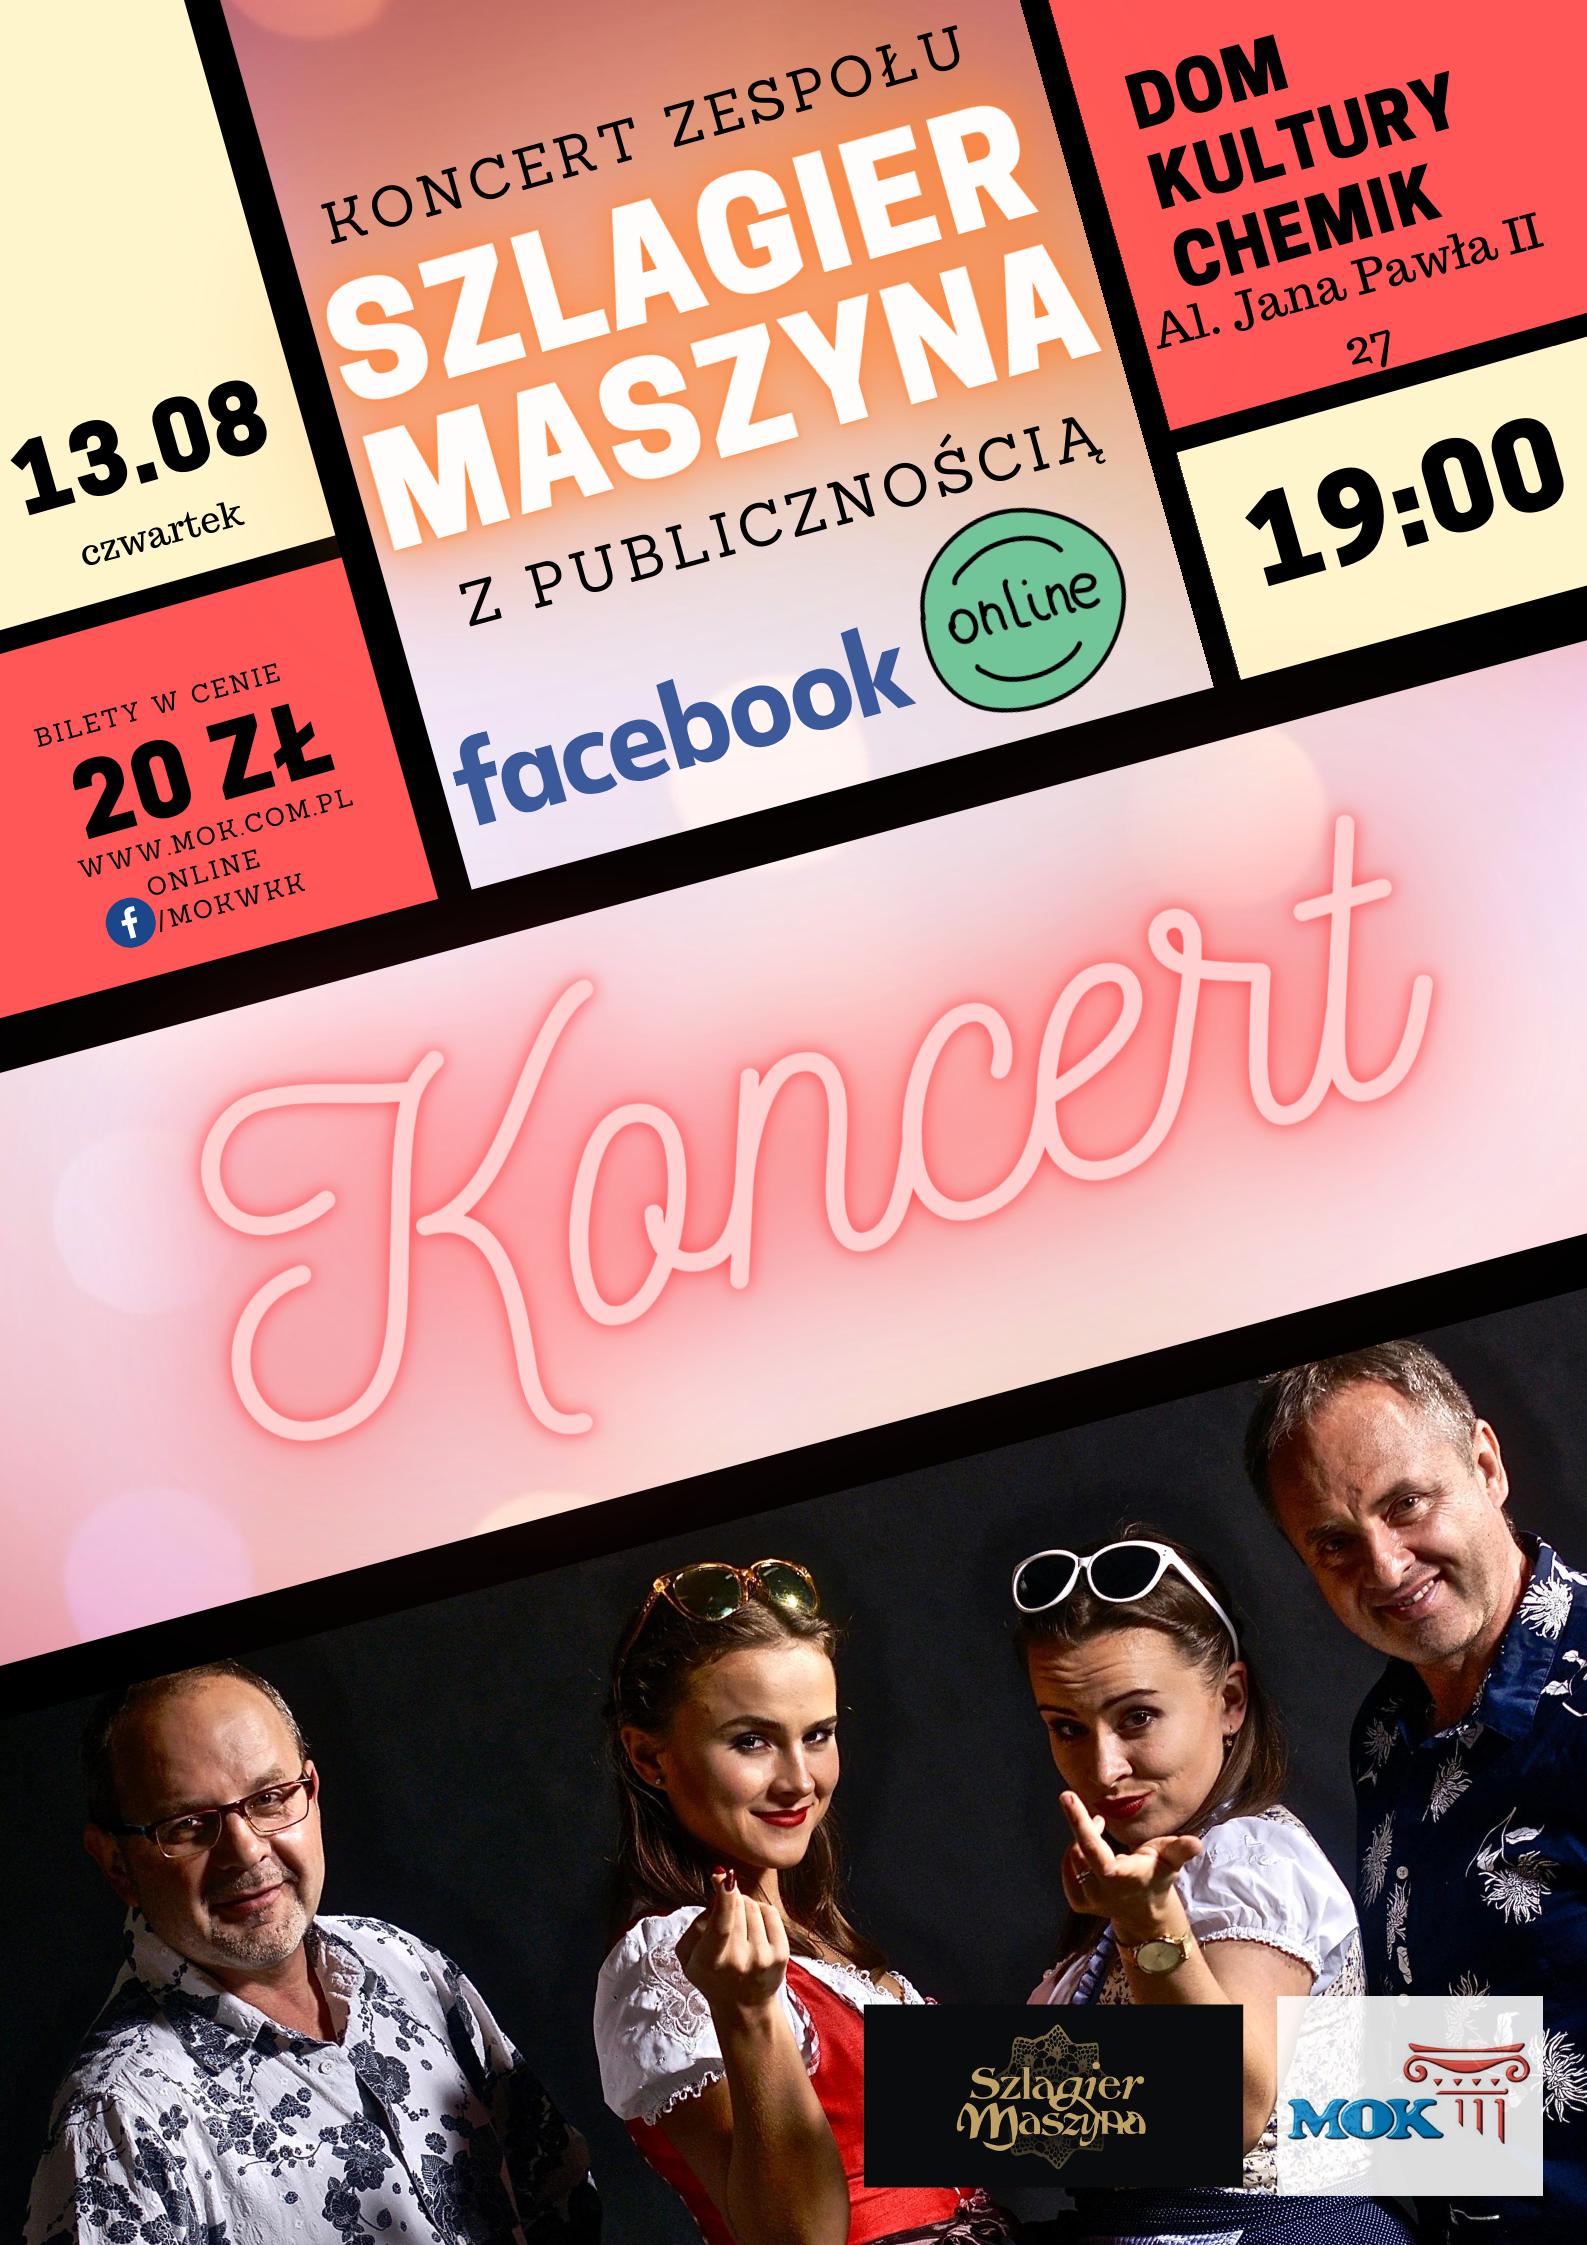 Koncert Szlagier Maszyna - z publicznością oraz online